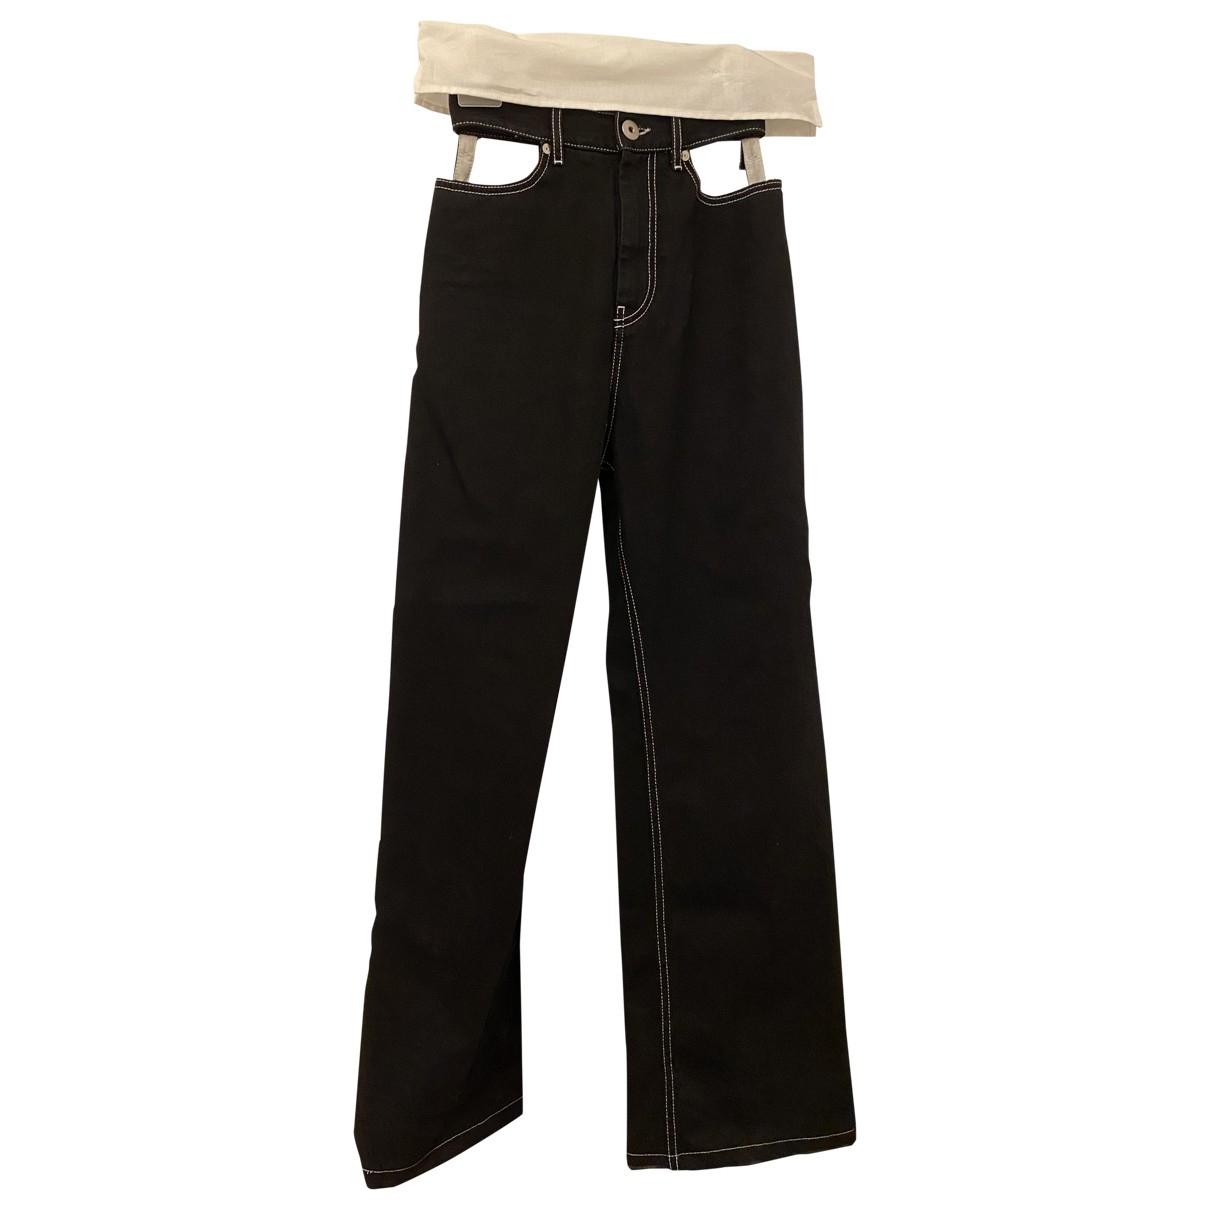 Maison Martin Margiela \N Denim - Jeans Jeans for Women 32 FR